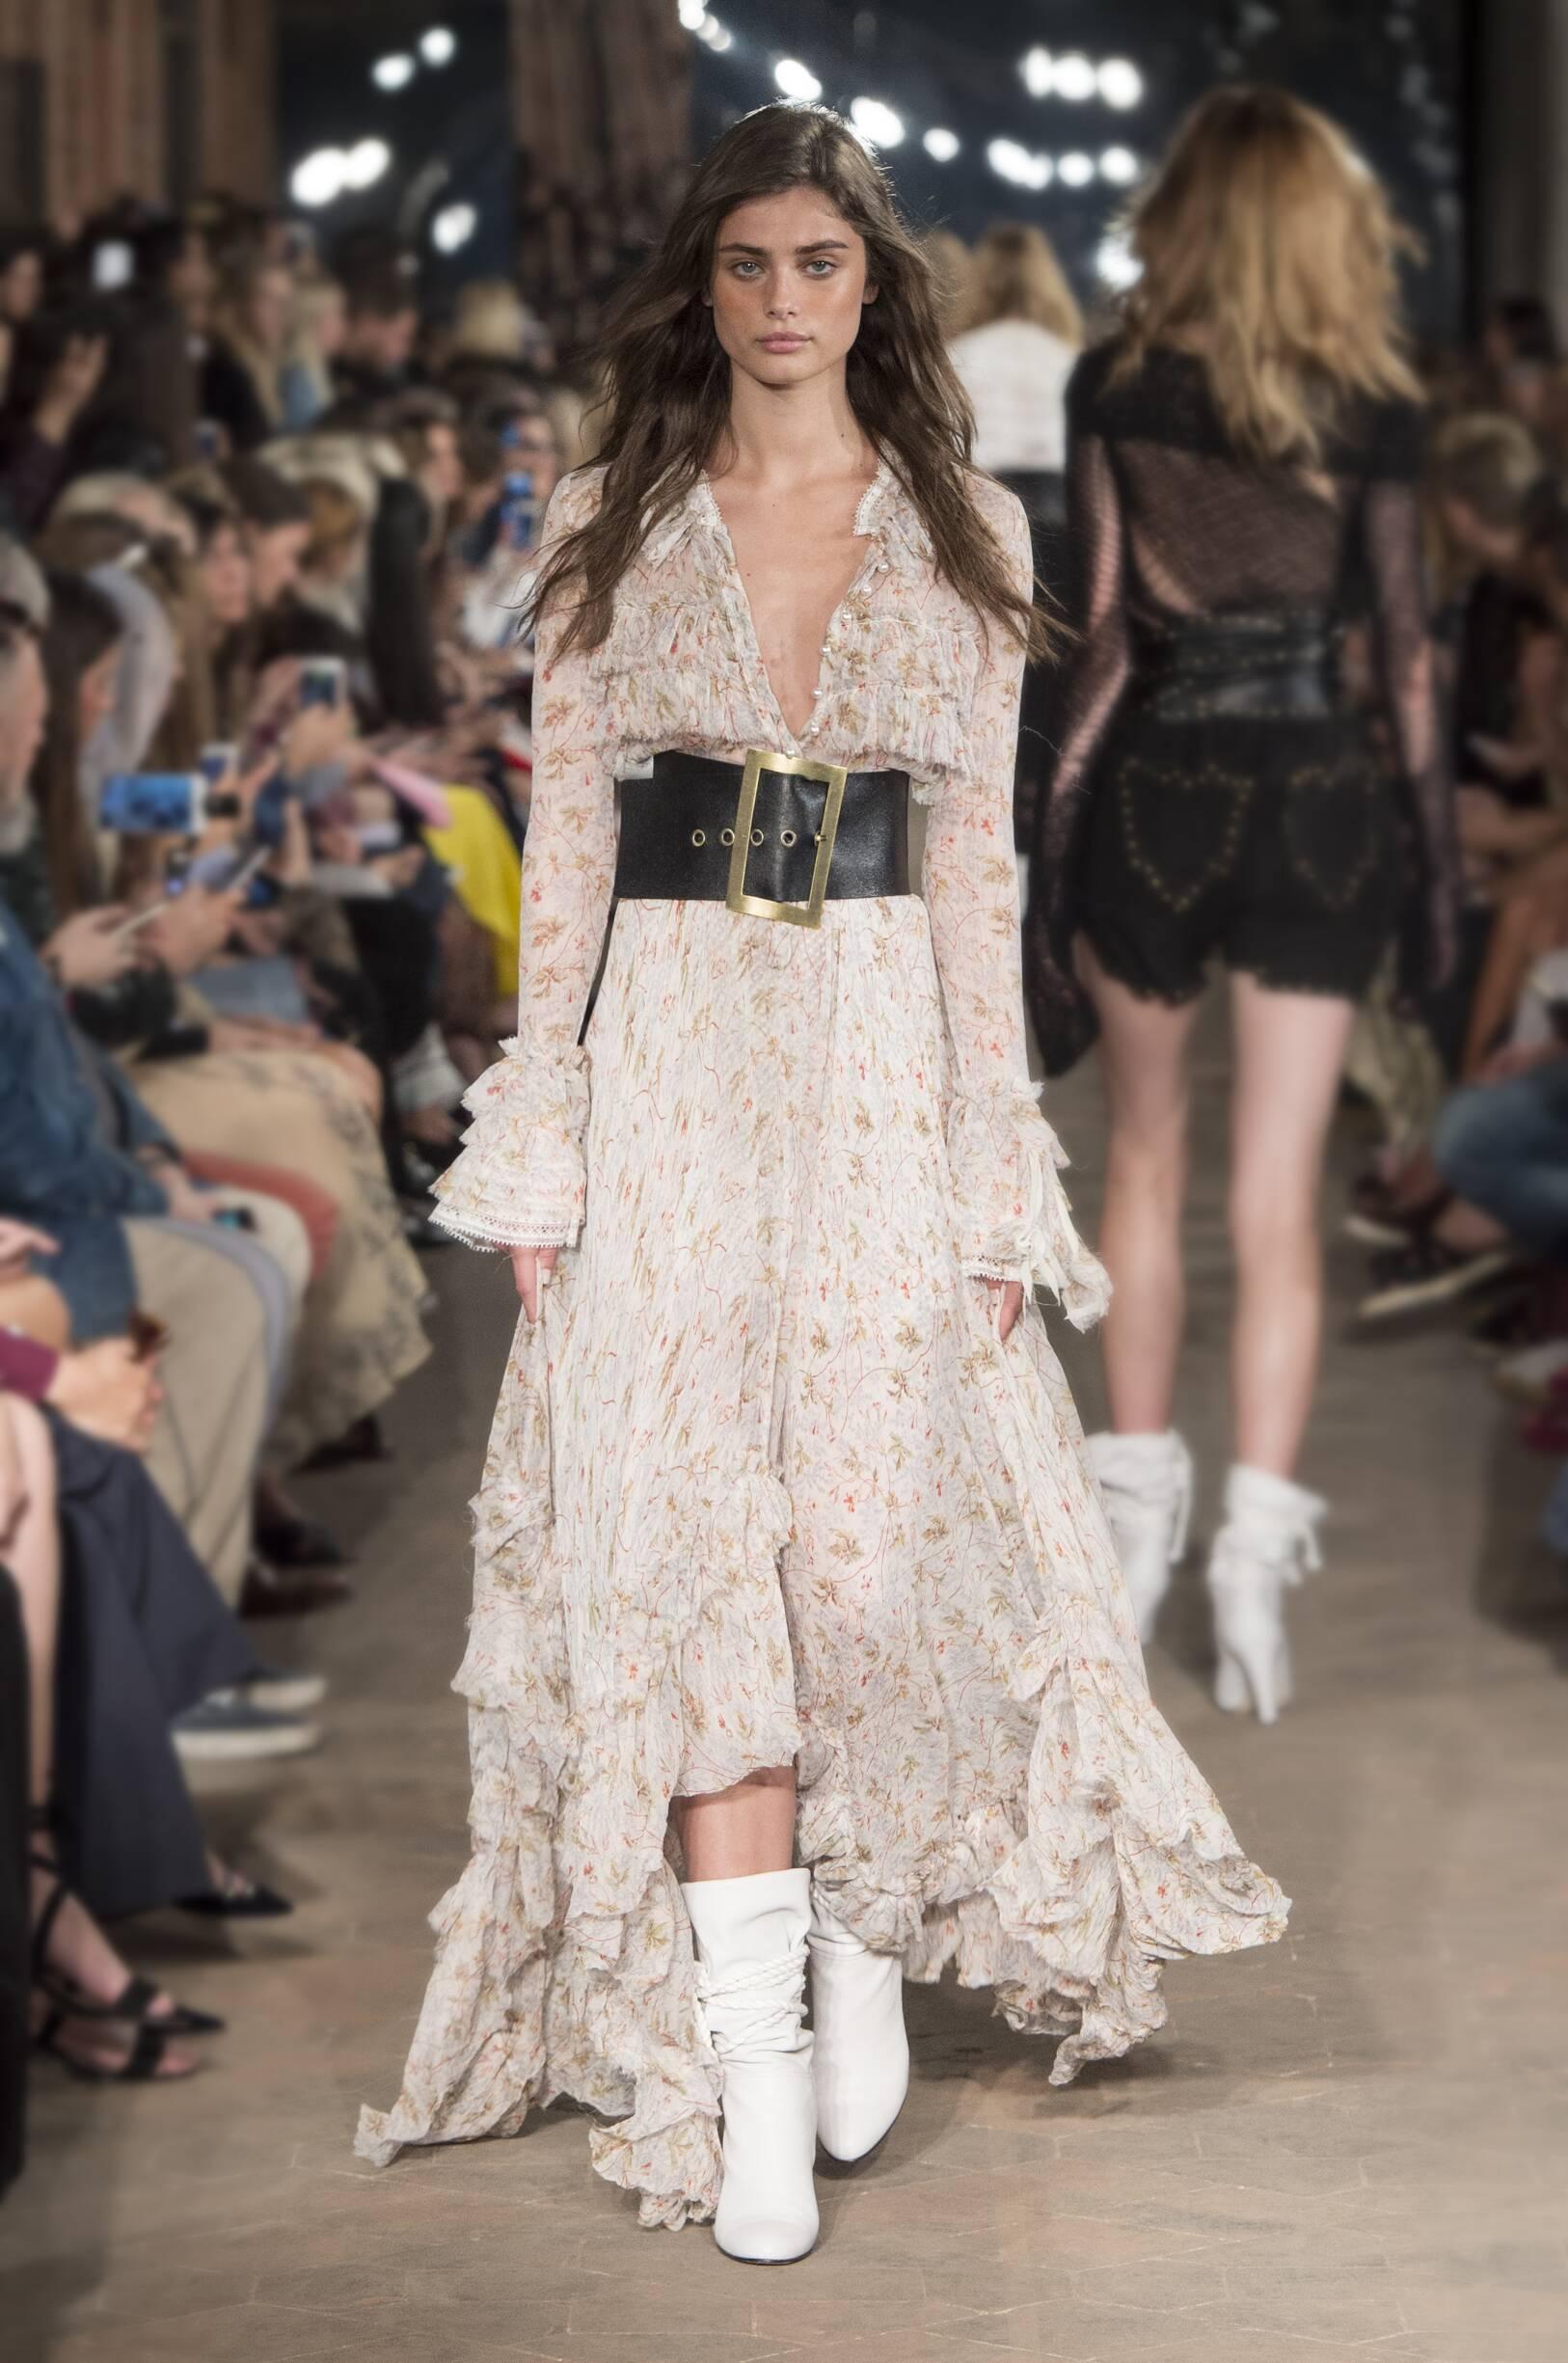 Spring 2017 Womenswear Philosophy di Lorenzo Serafini